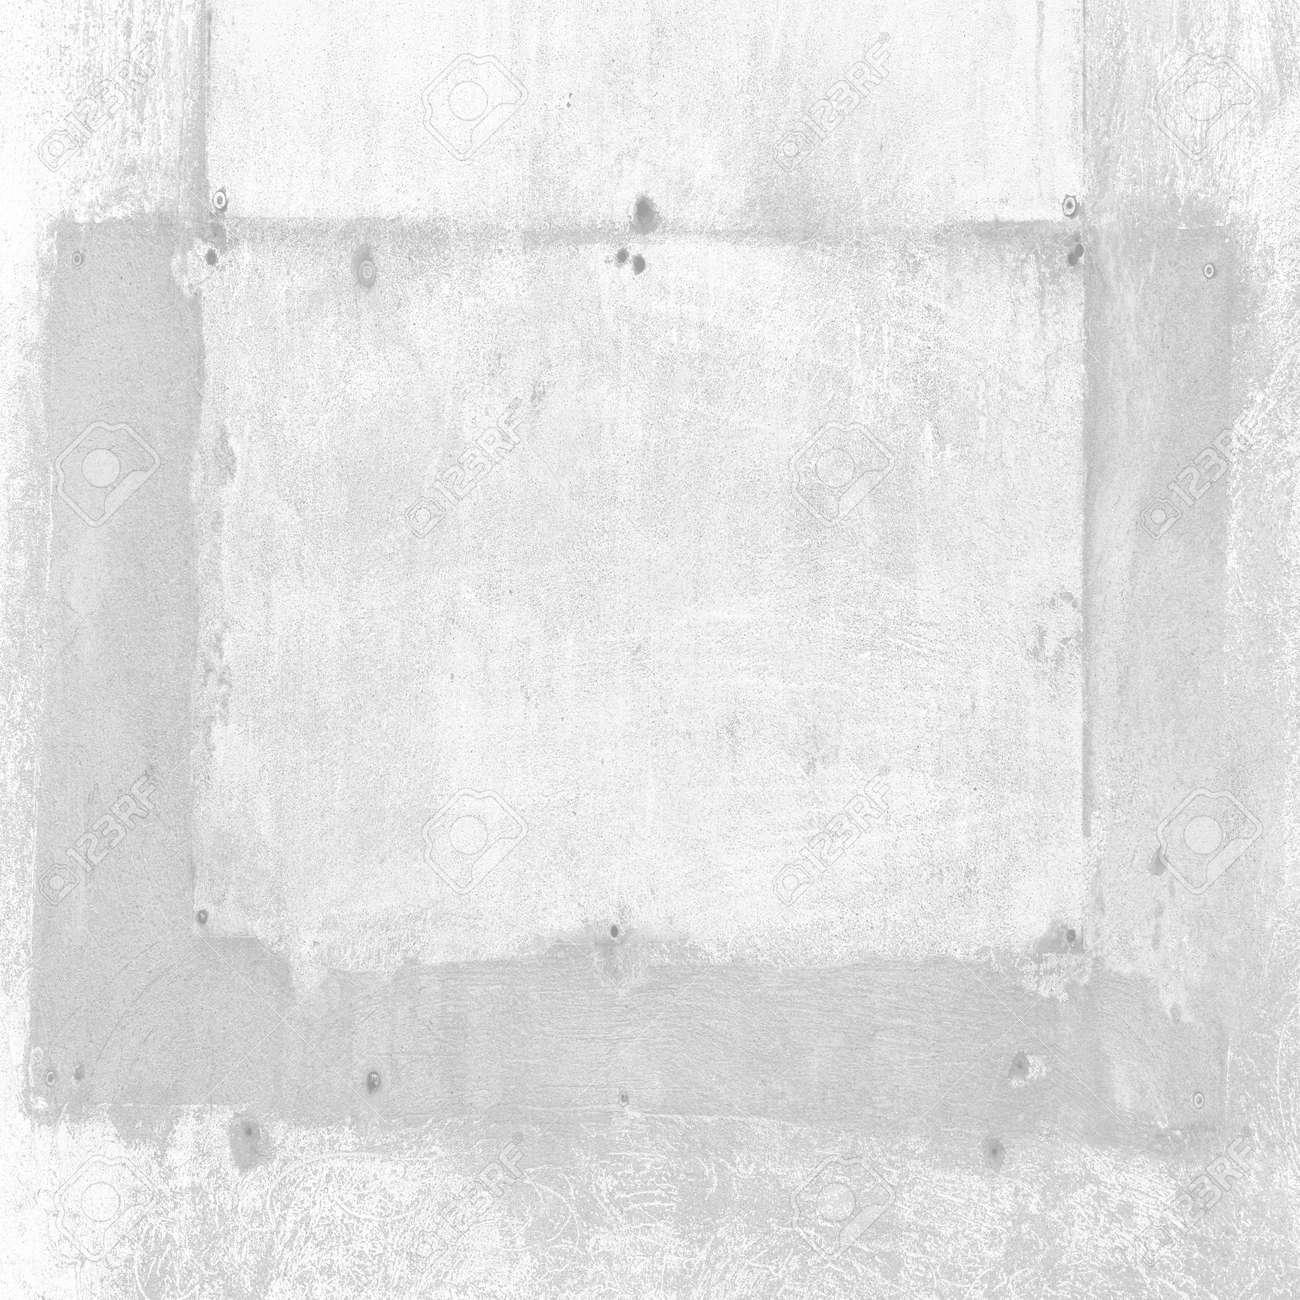 Alte Mauer Textur Weißen Hintergrund, Malerei Spur Oder Betonrahmen ...